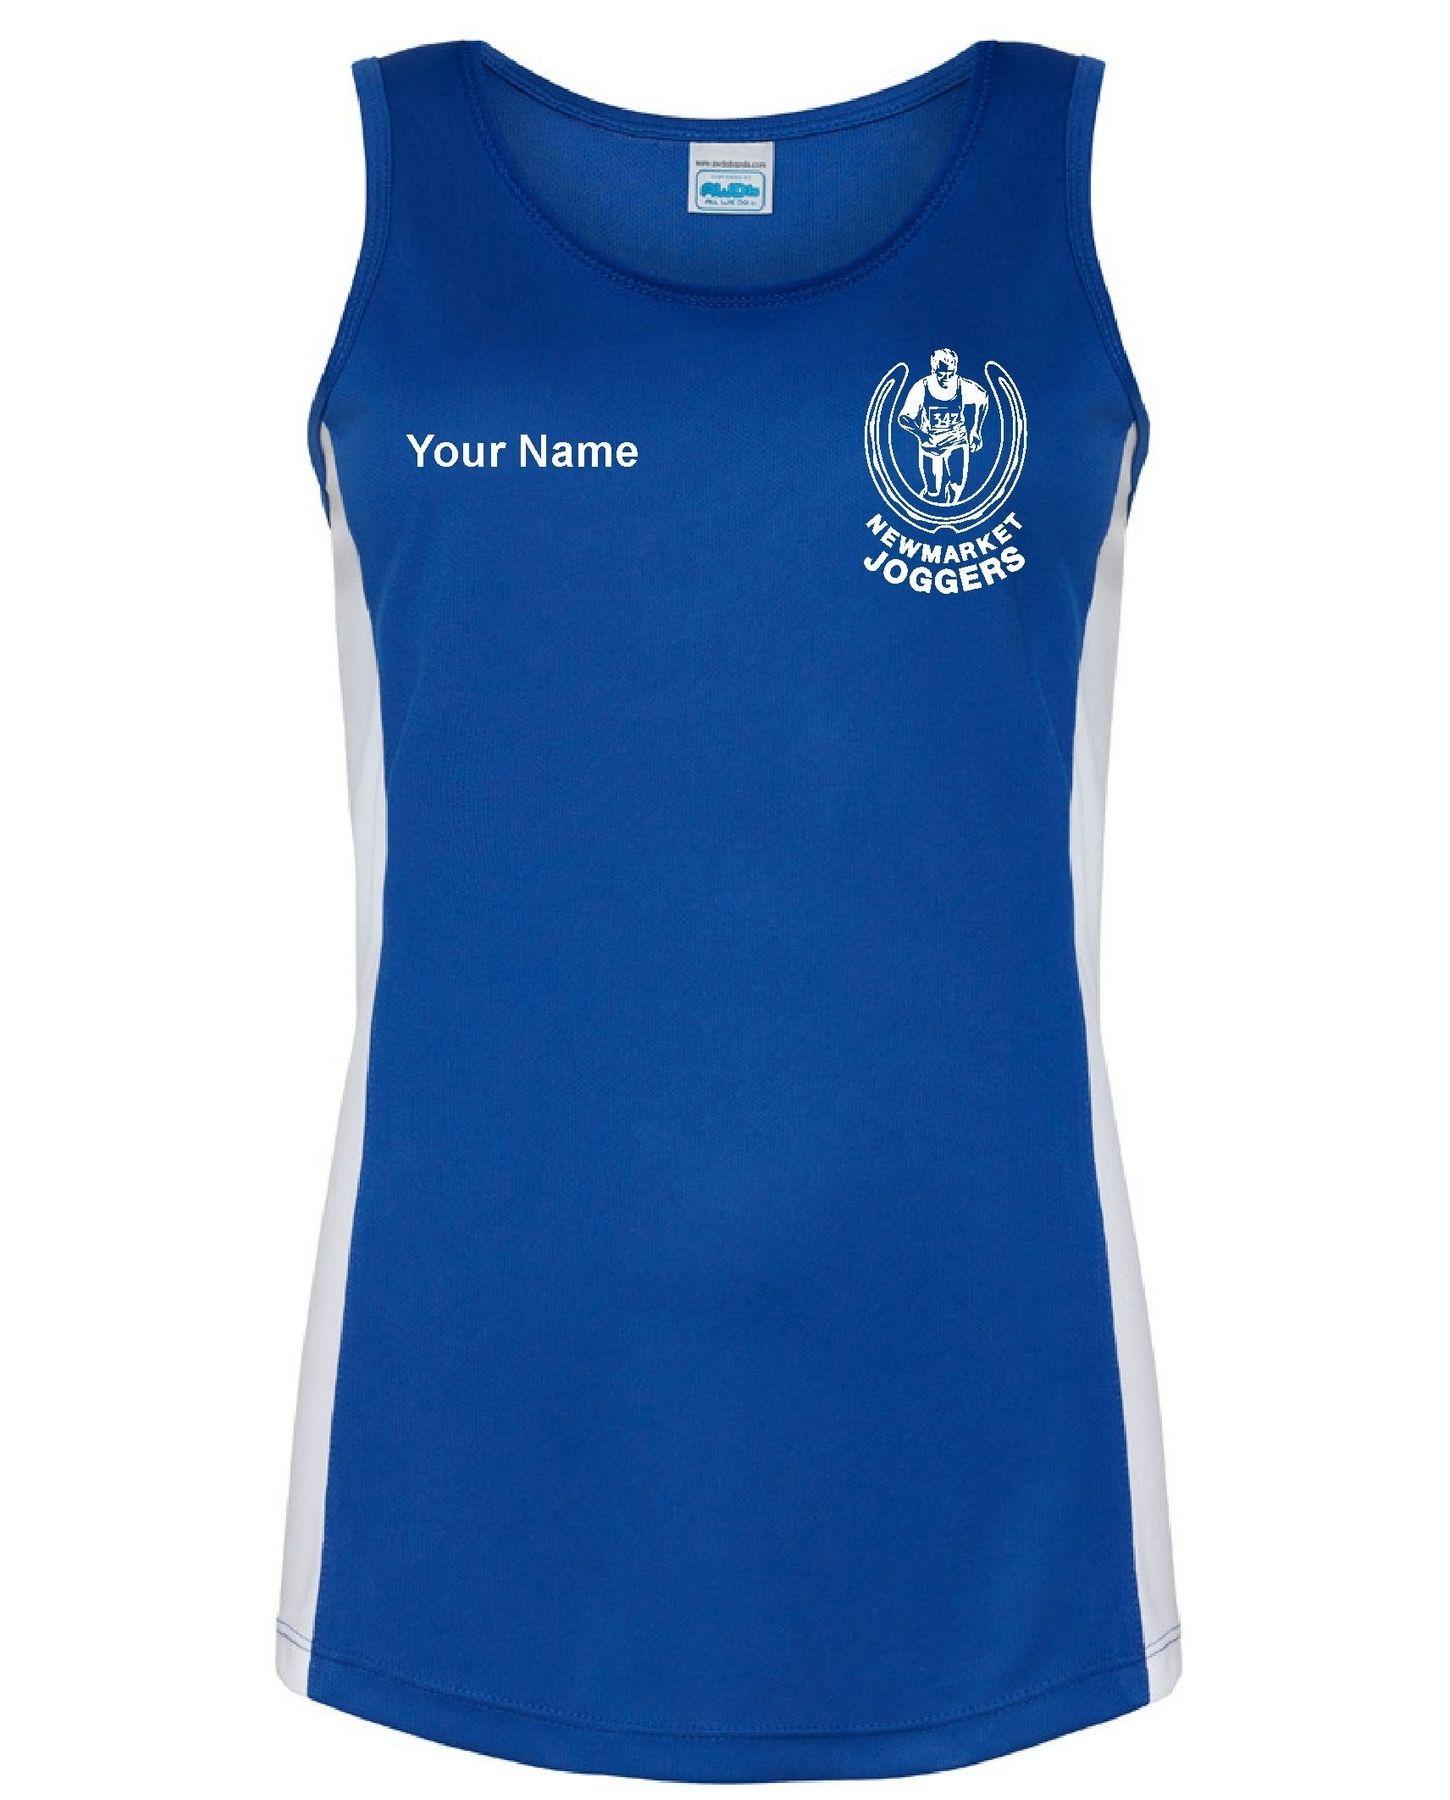 Newmarket Joggers – Contrast Performance Vest (Ladies)